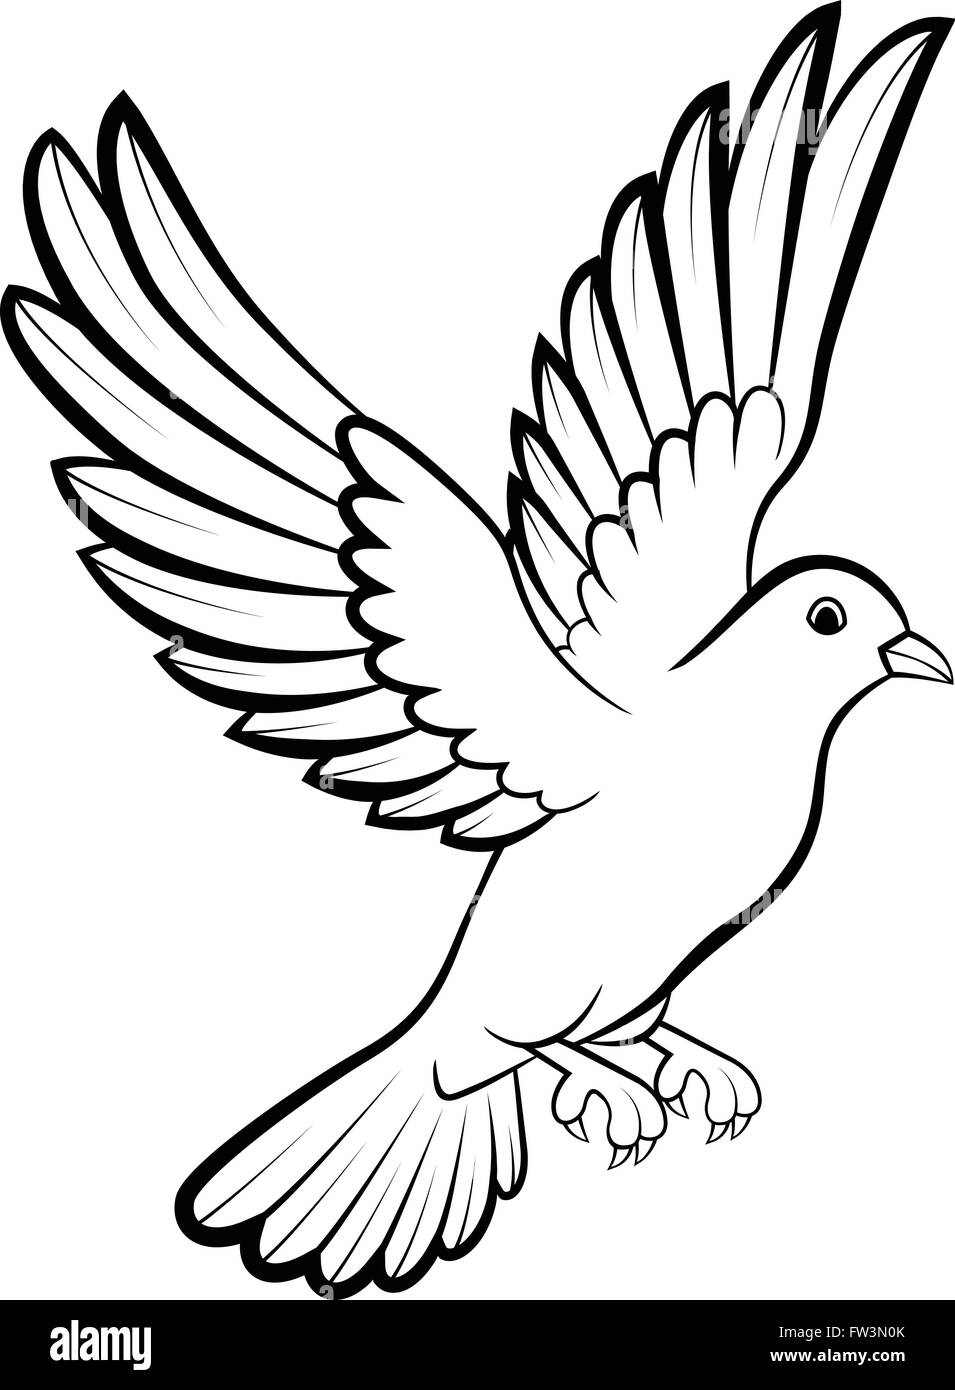 Aves Paloma De La Paz El Concepto De Logotipo Y Diseño De Boda